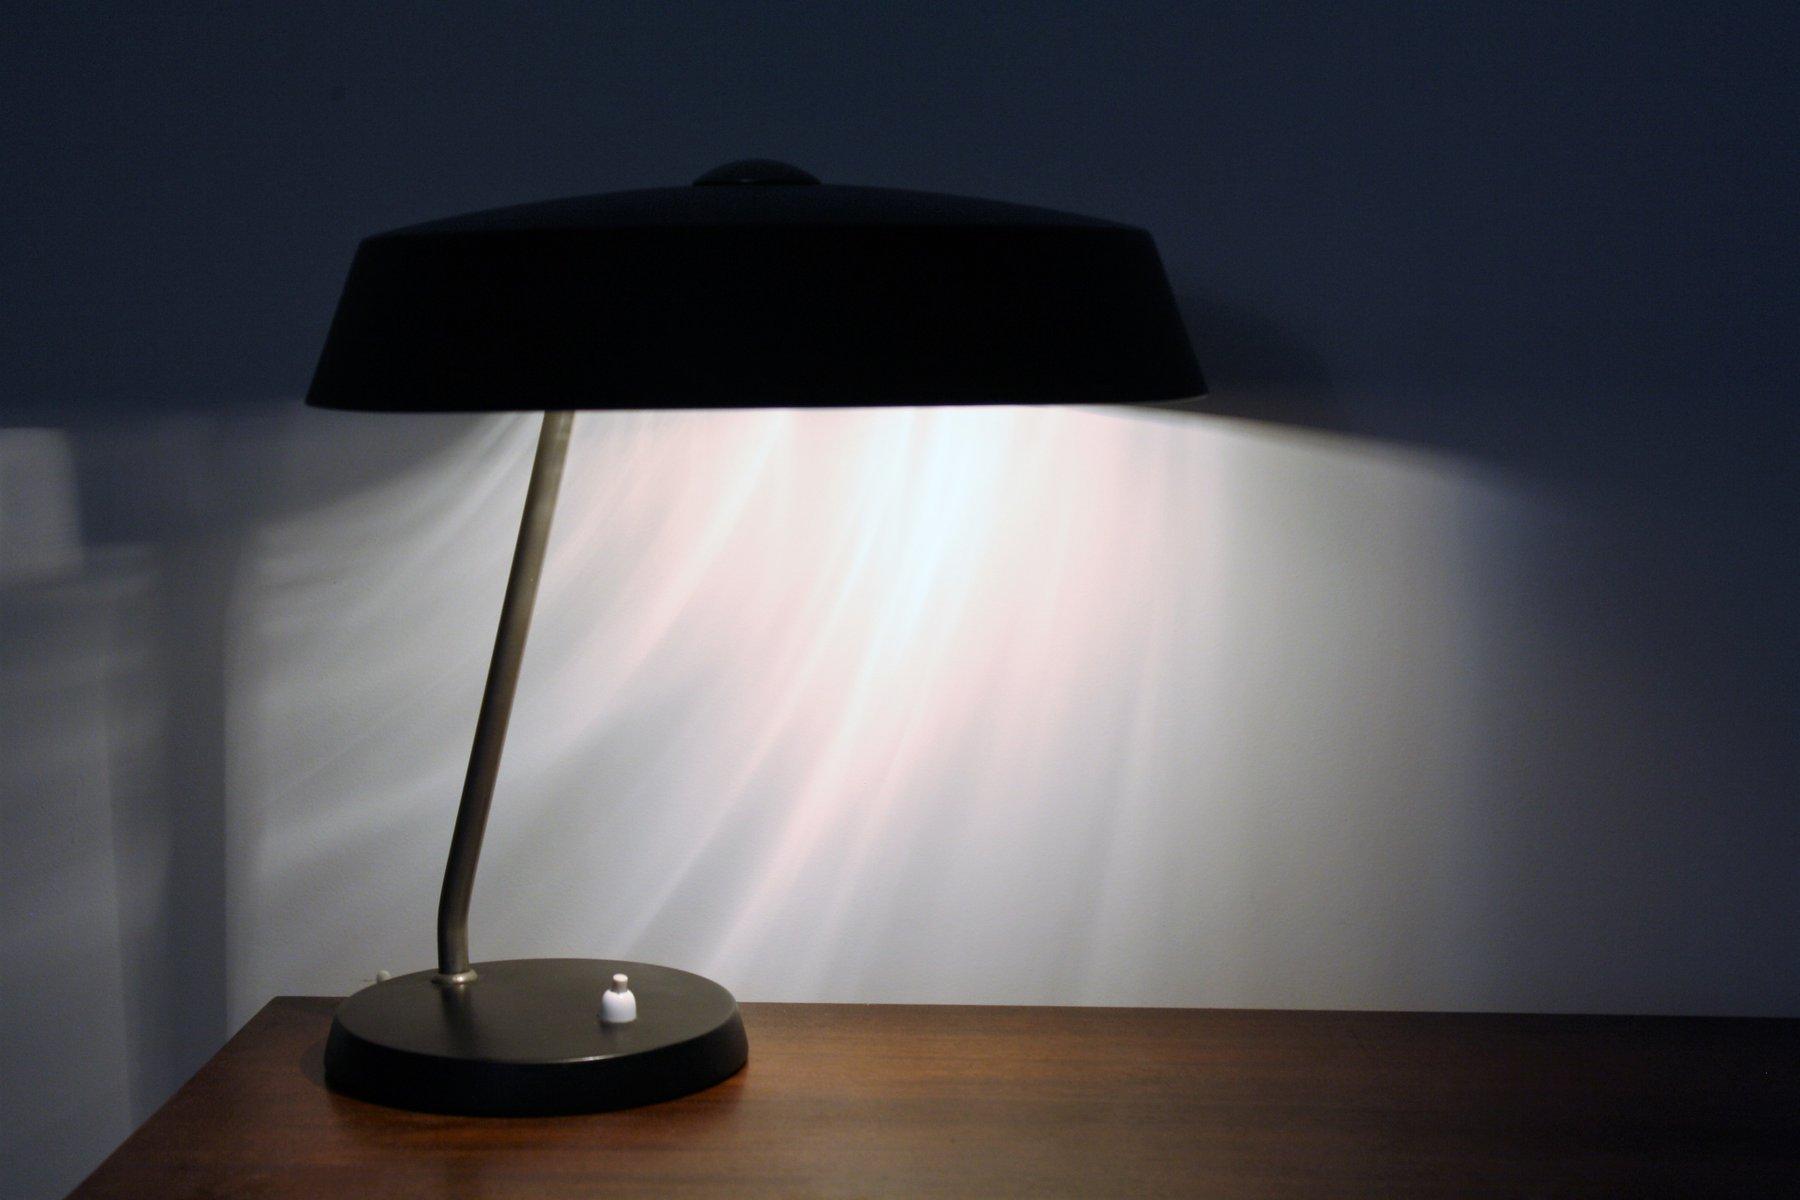 lampe de bureau noire vintage par louis kalff pour philips 1960s en vente sur pamono. Black Bedroom Furniture Sets. Home Design Ideas